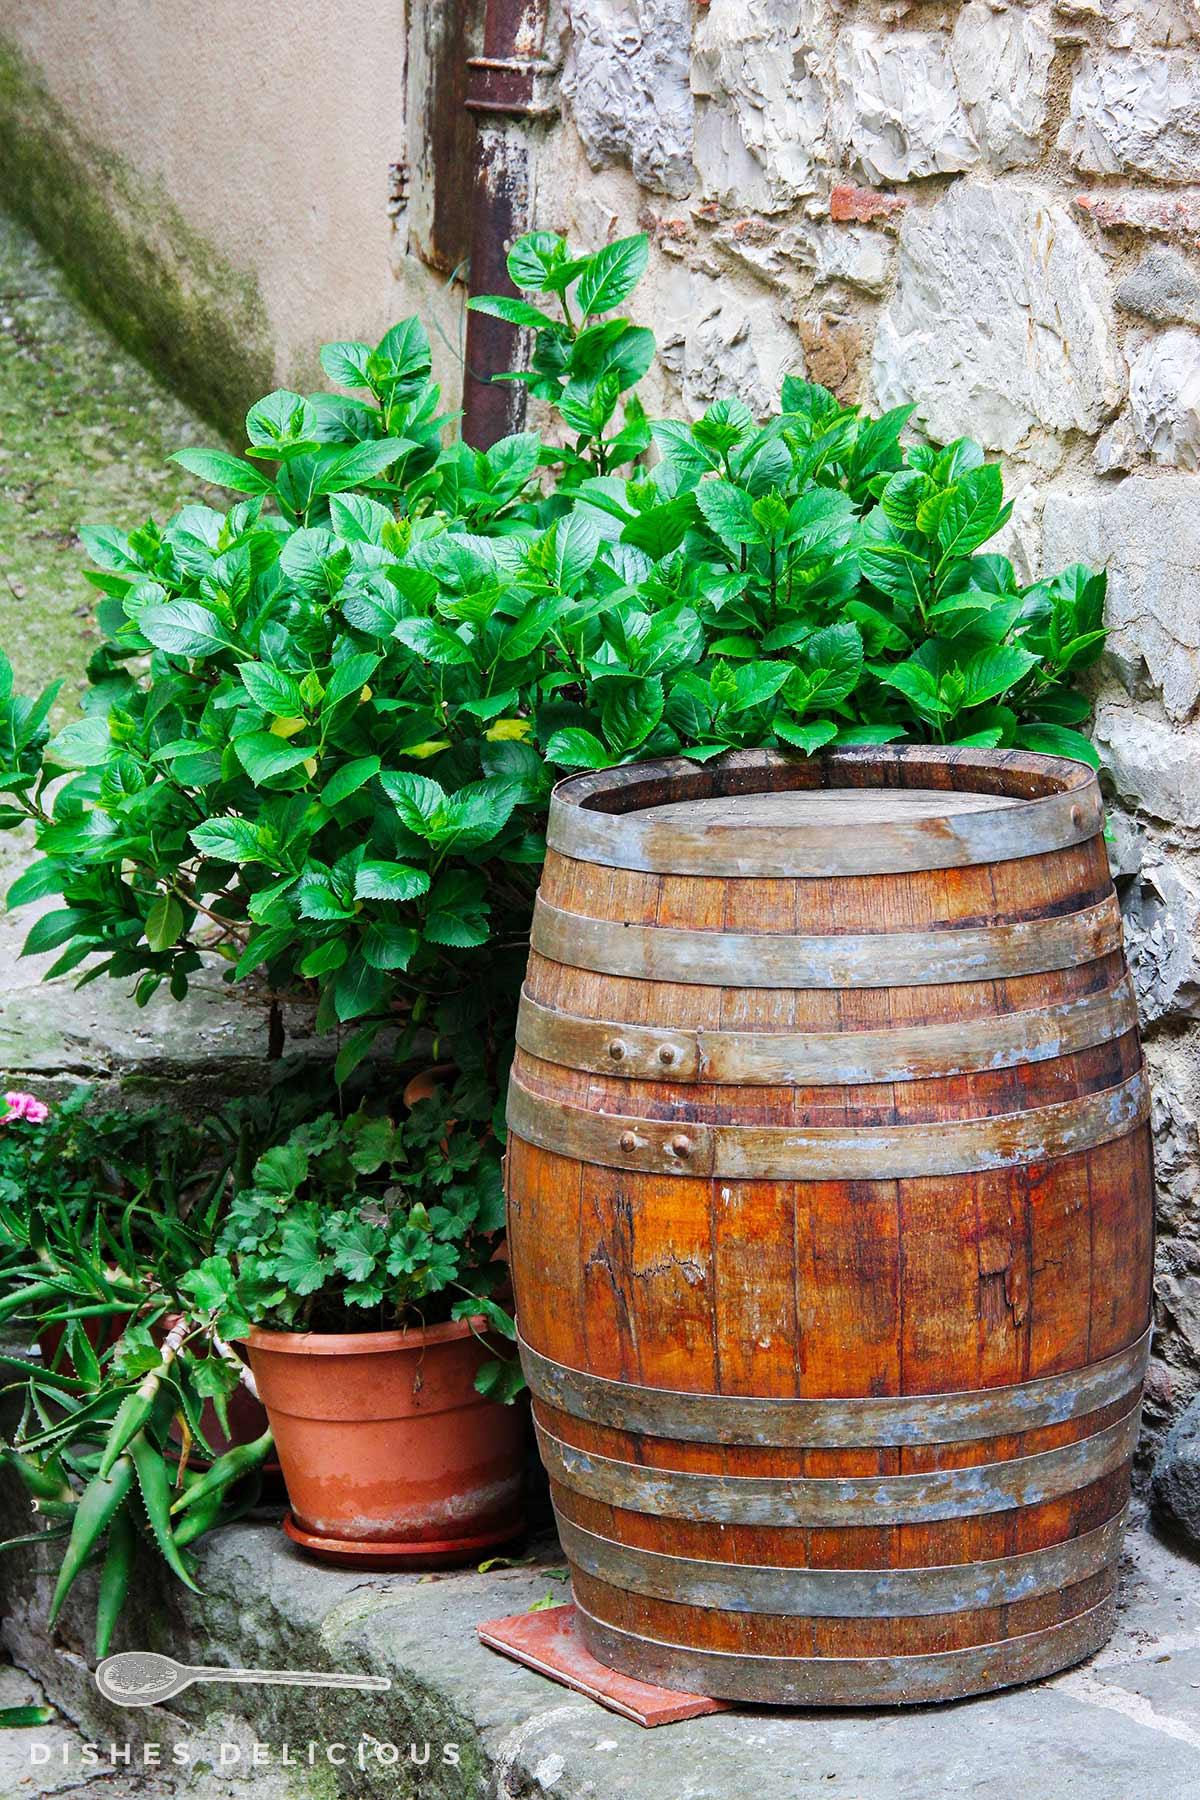 Ein Weinfass aus Holz steht an einer Steinwand